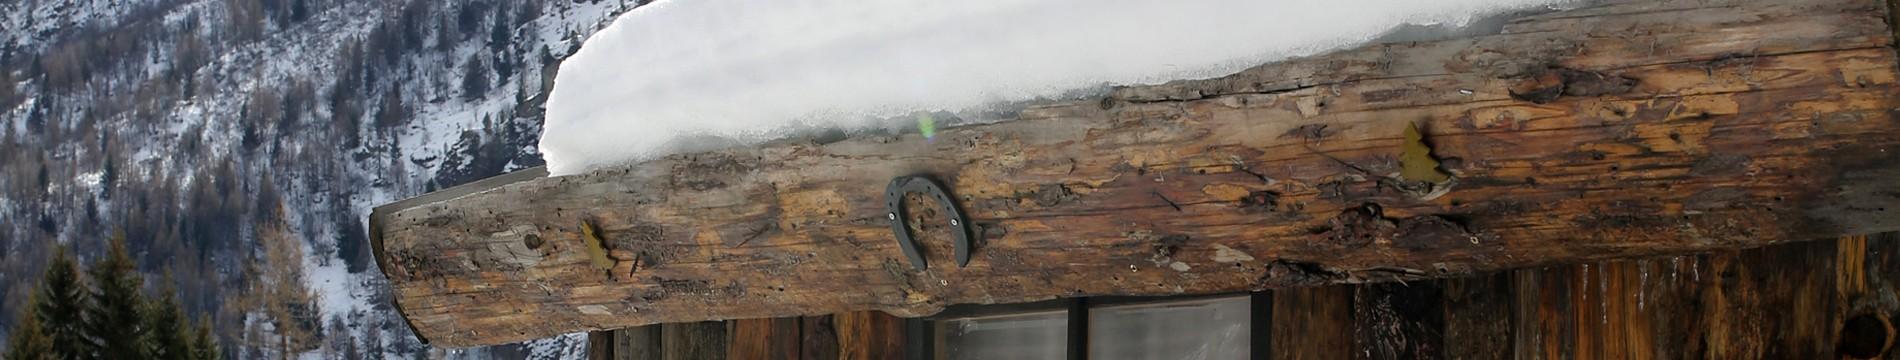 tetiere-ingenie-hiver-21-7236